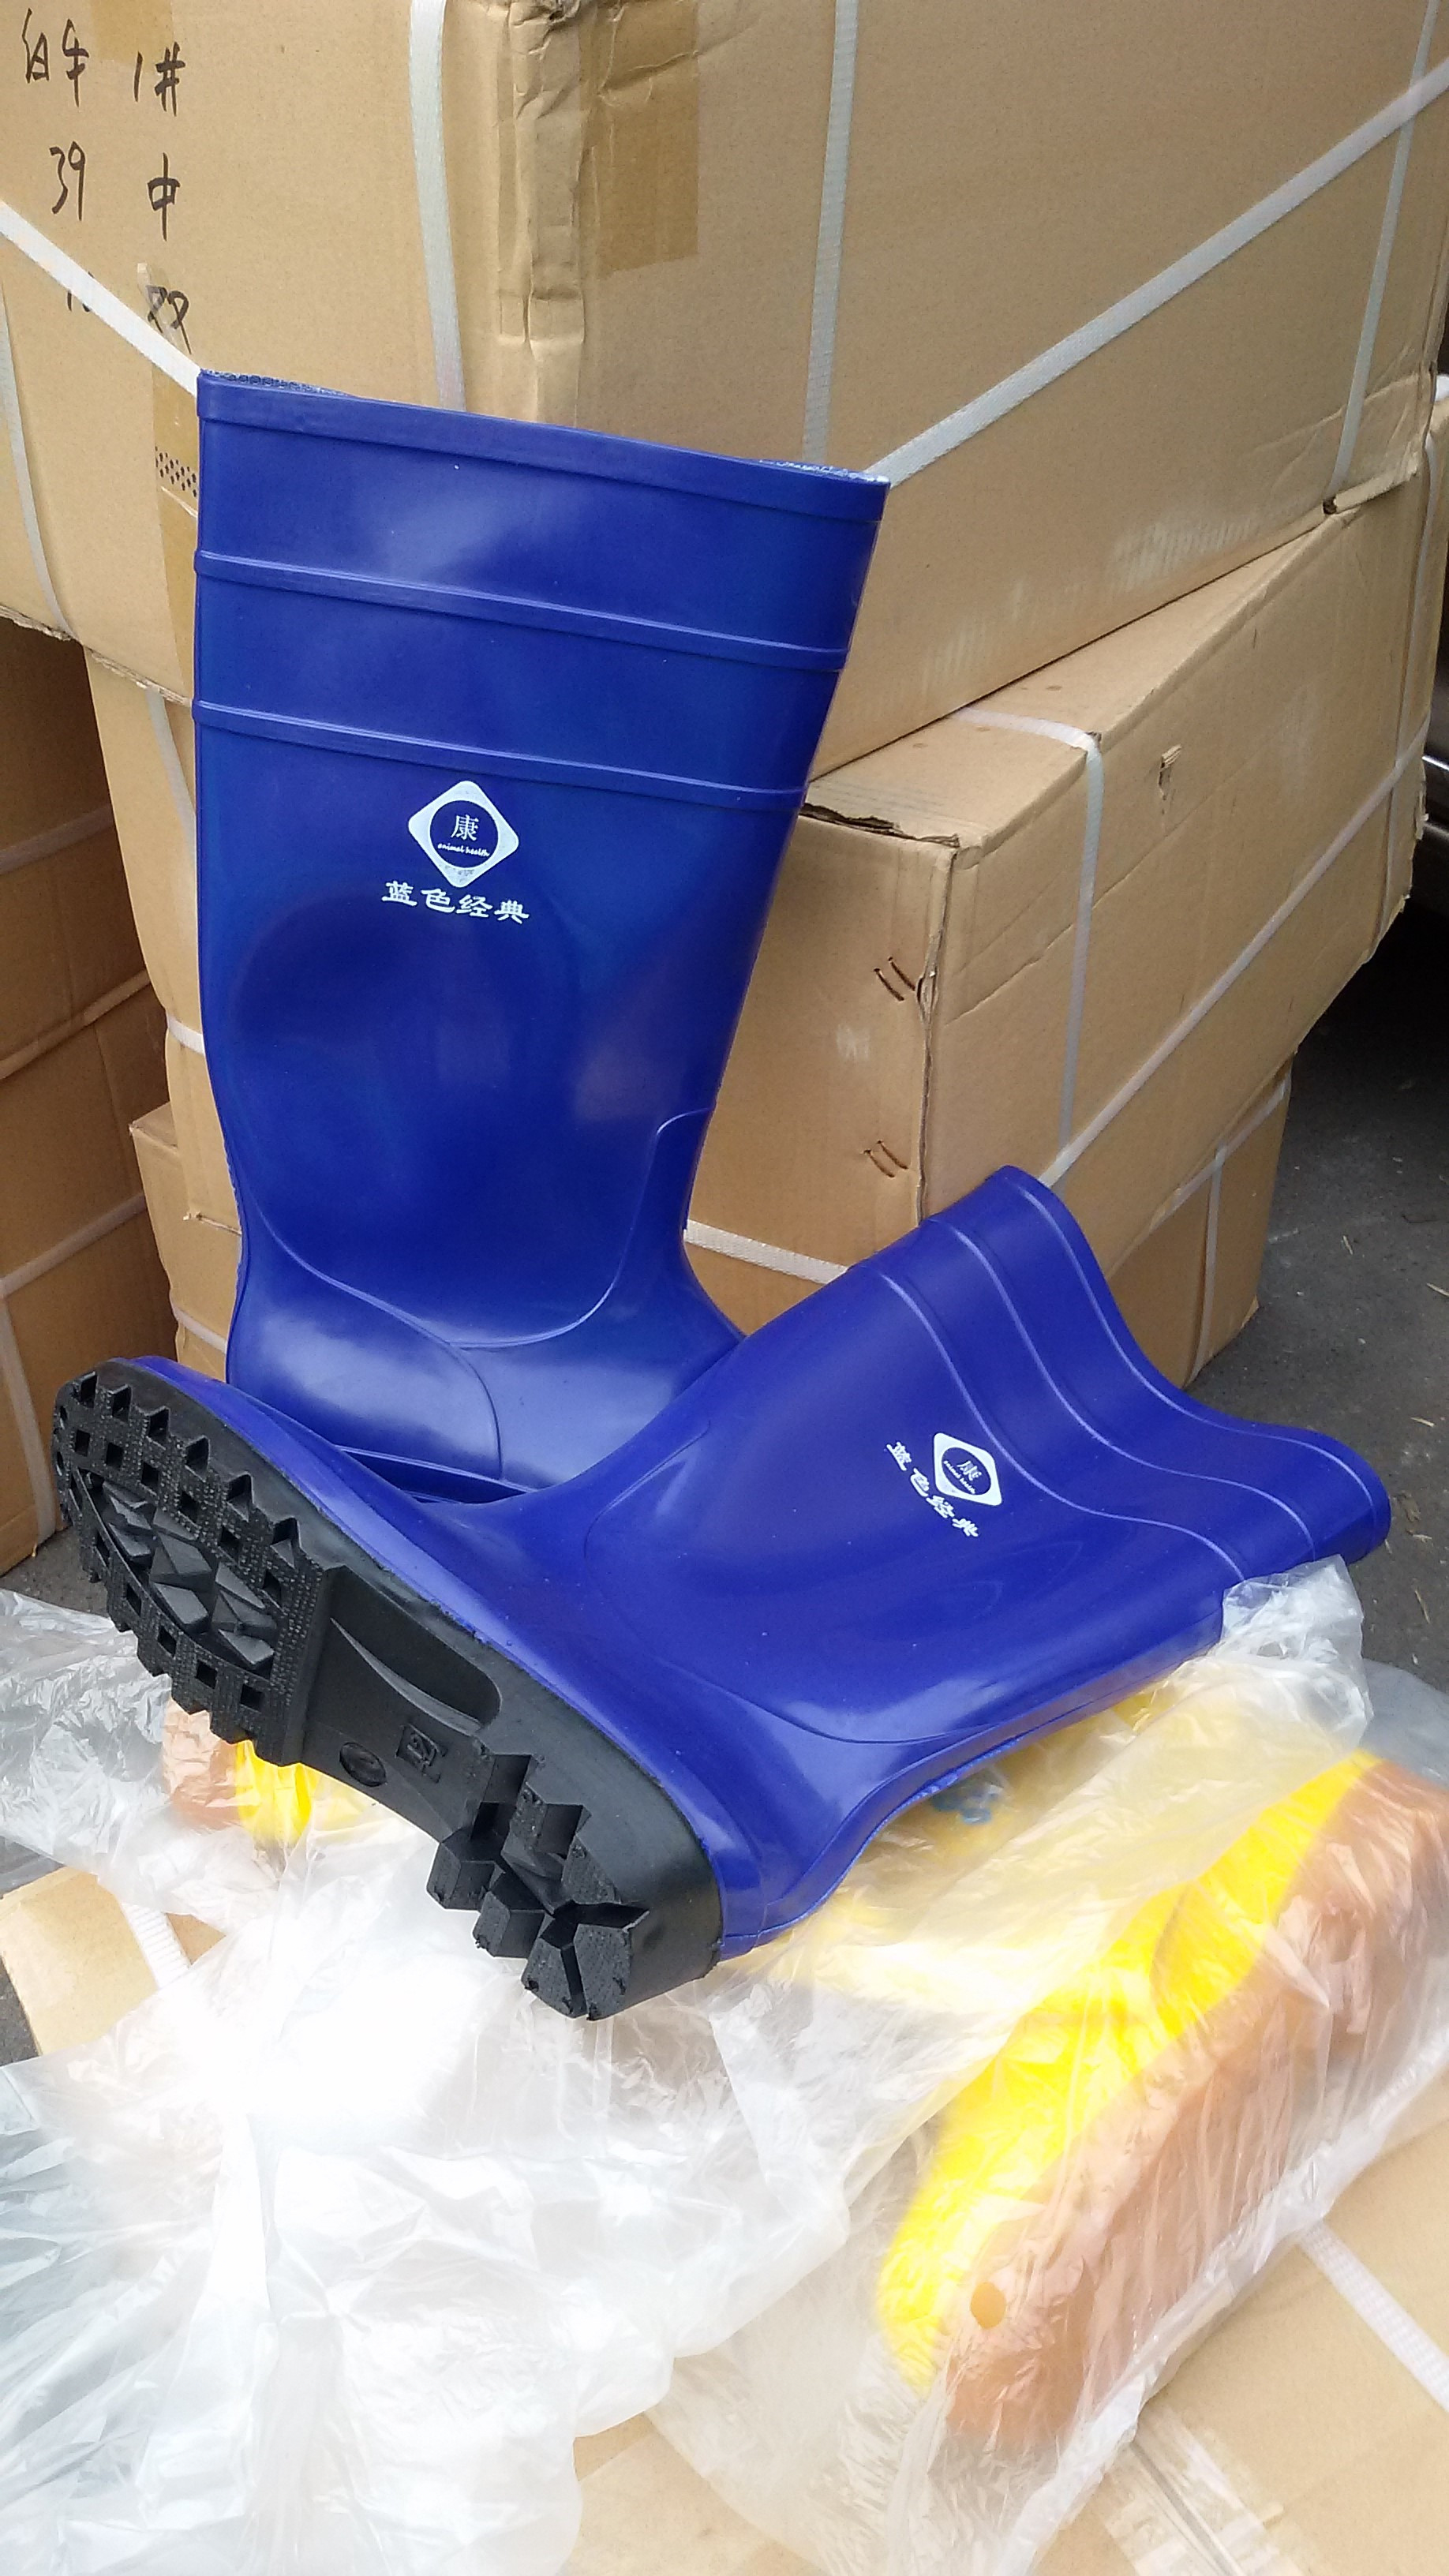 夏季冰爽_蓝色经典_蓝色养殖雨鞋系列_上海锐省贸易有限公司